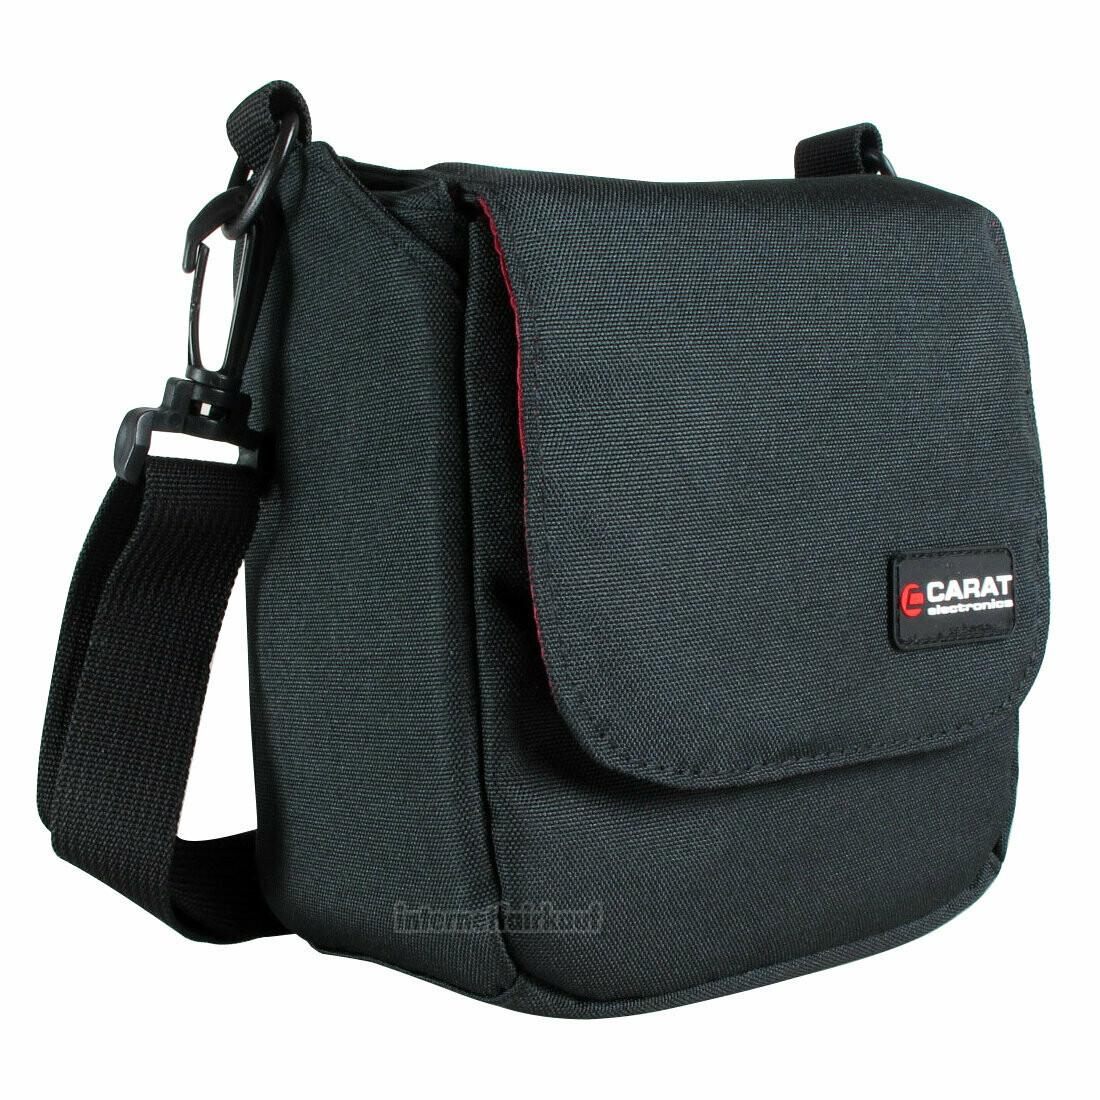 Fototasche passend für Sony Alpha A6300 A6500 und 16-50mm Objektiv - Schultertasche